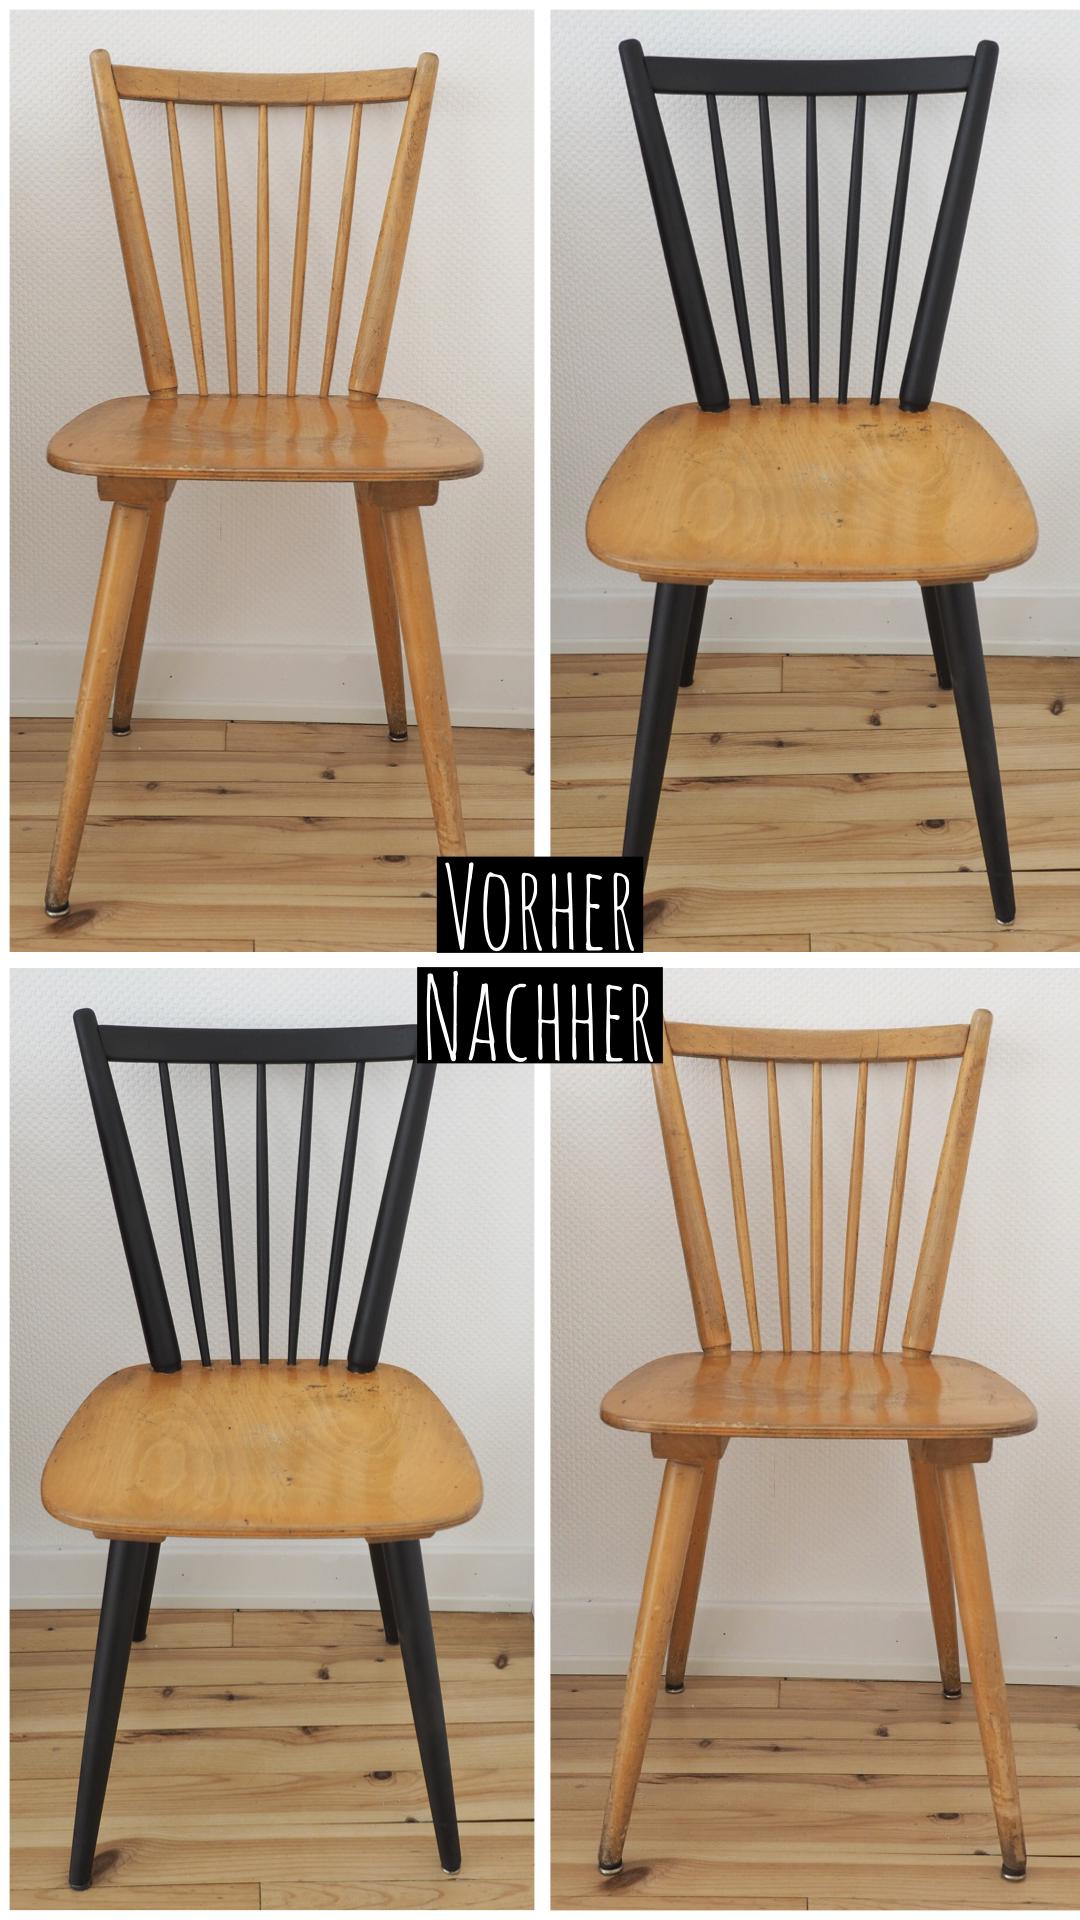 Easy Stuhl Upcycling So Bekommen Alte Stuhle Einen Neuen Look Alte Stuhle Stuhle Upcycling